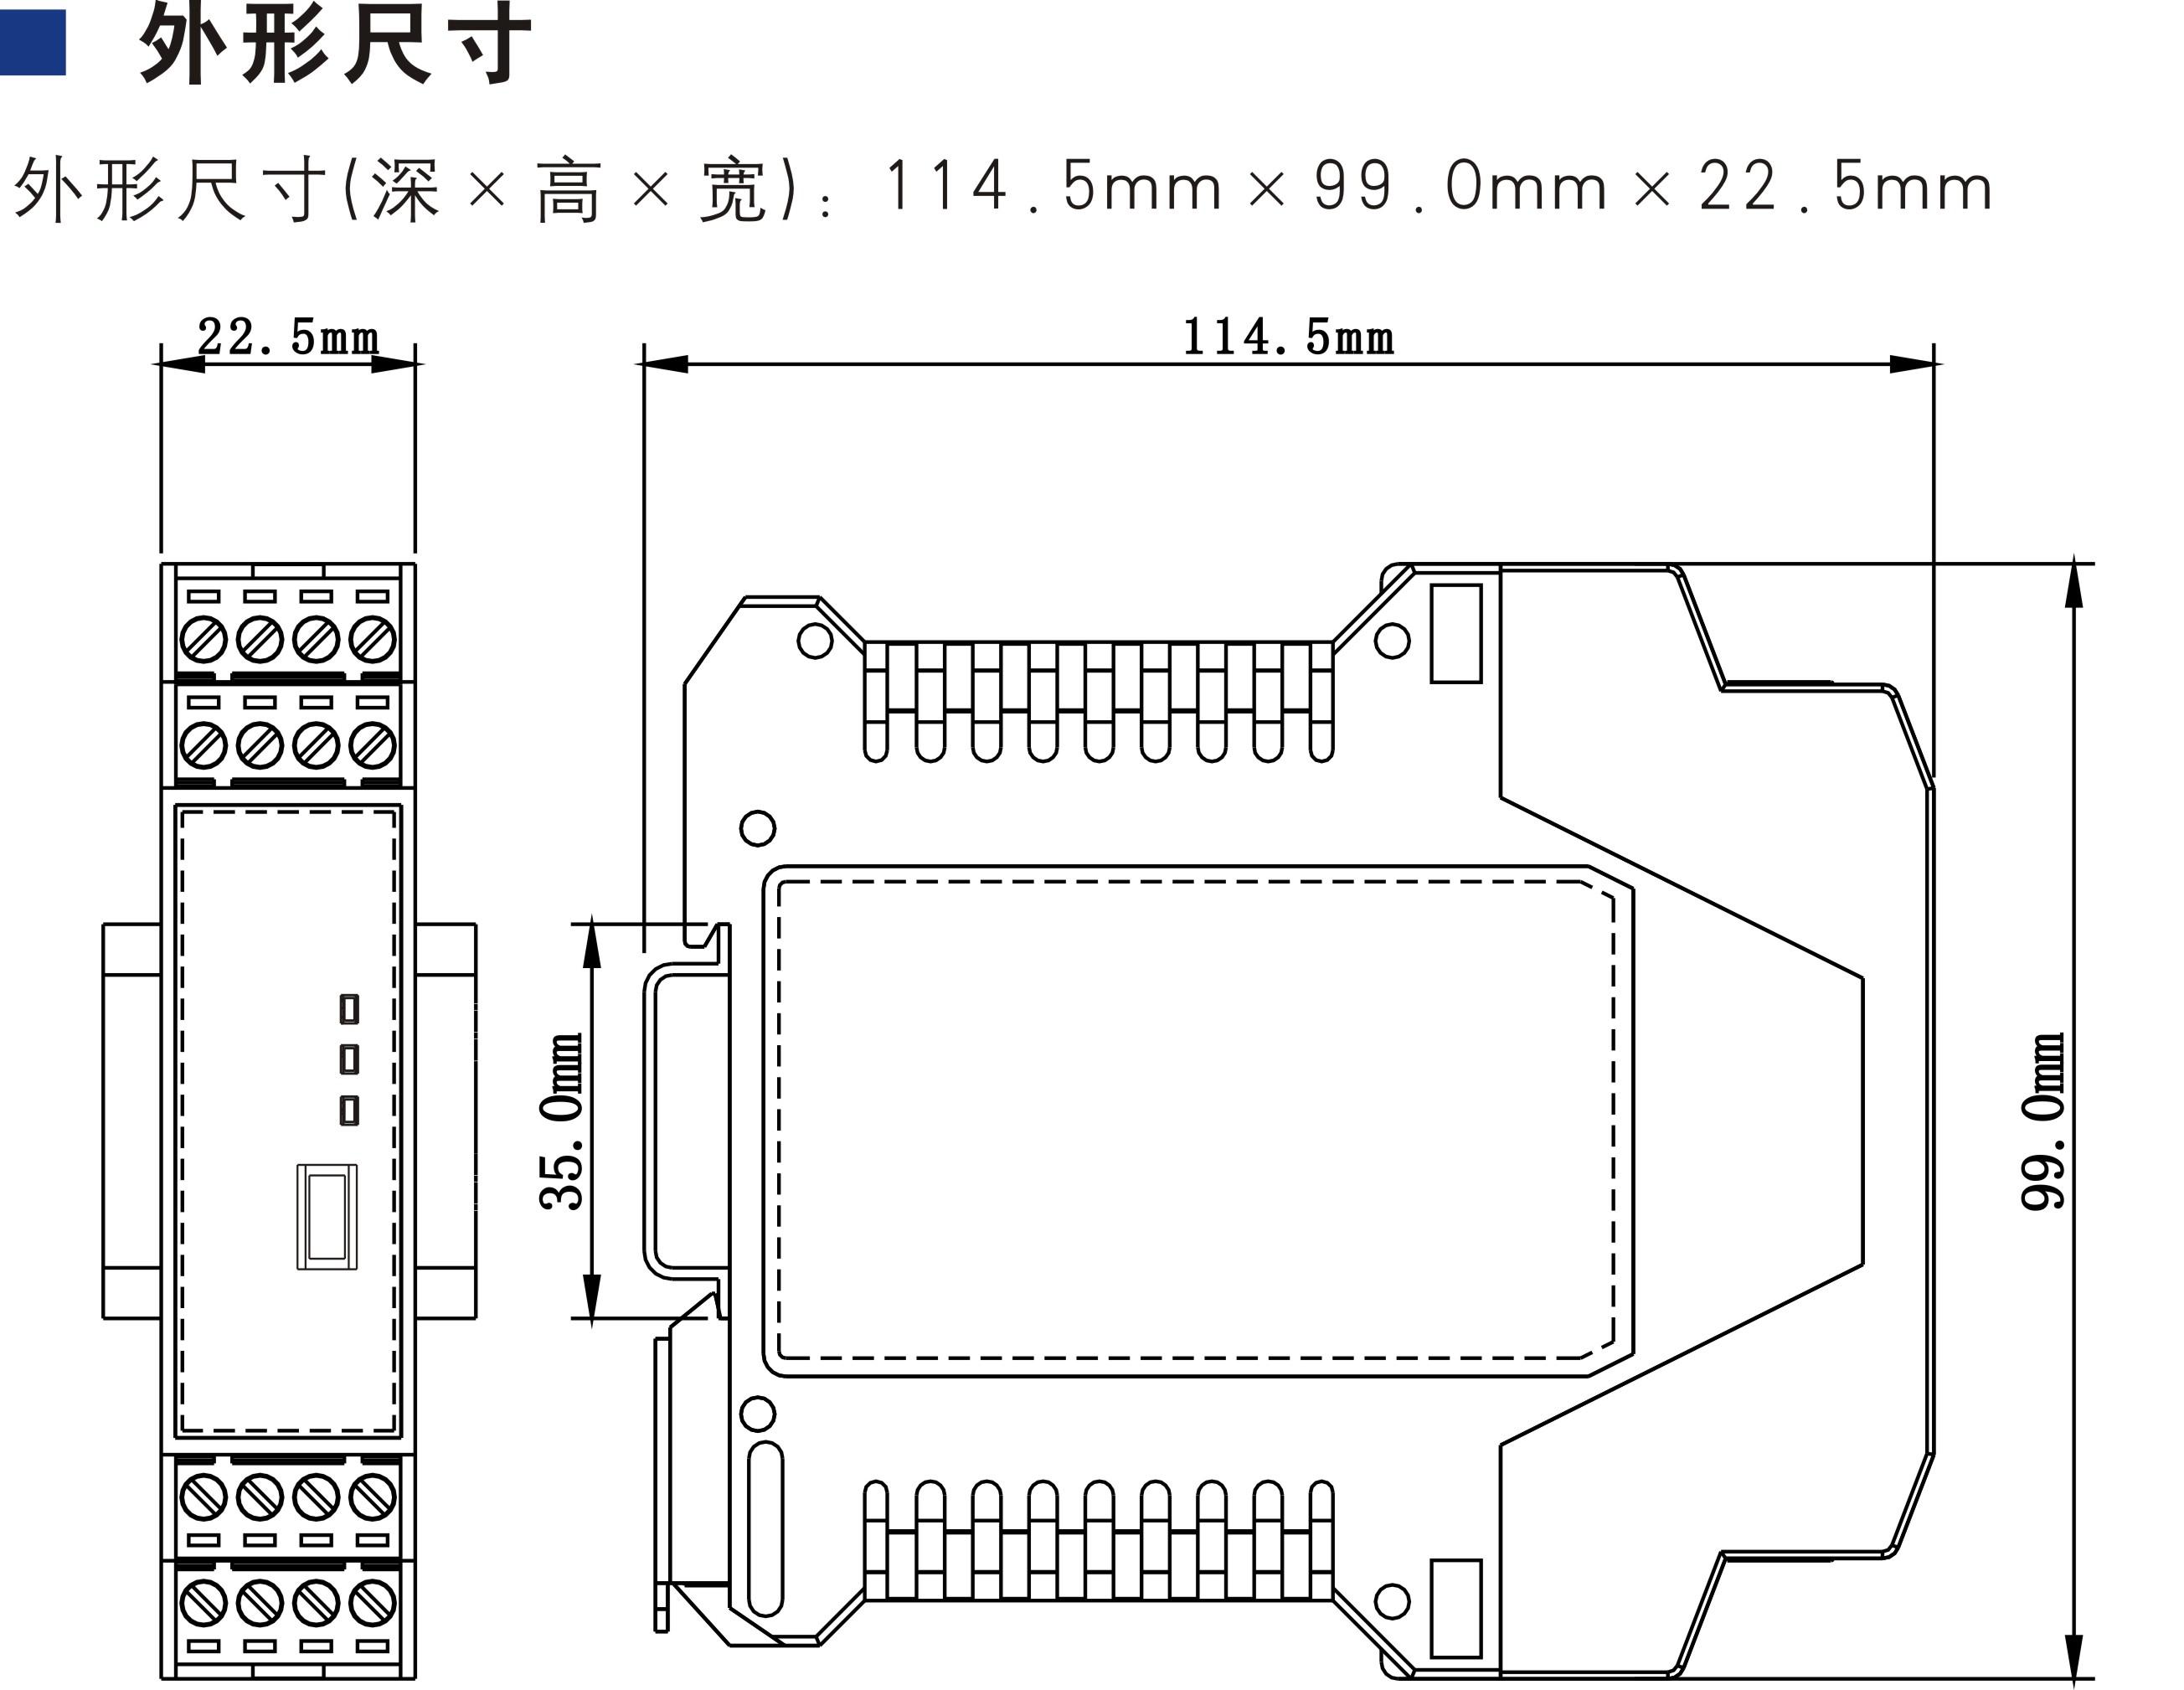 開關型安全設備輸入 (復合型可配置 24V DC 2NO 通用復位)